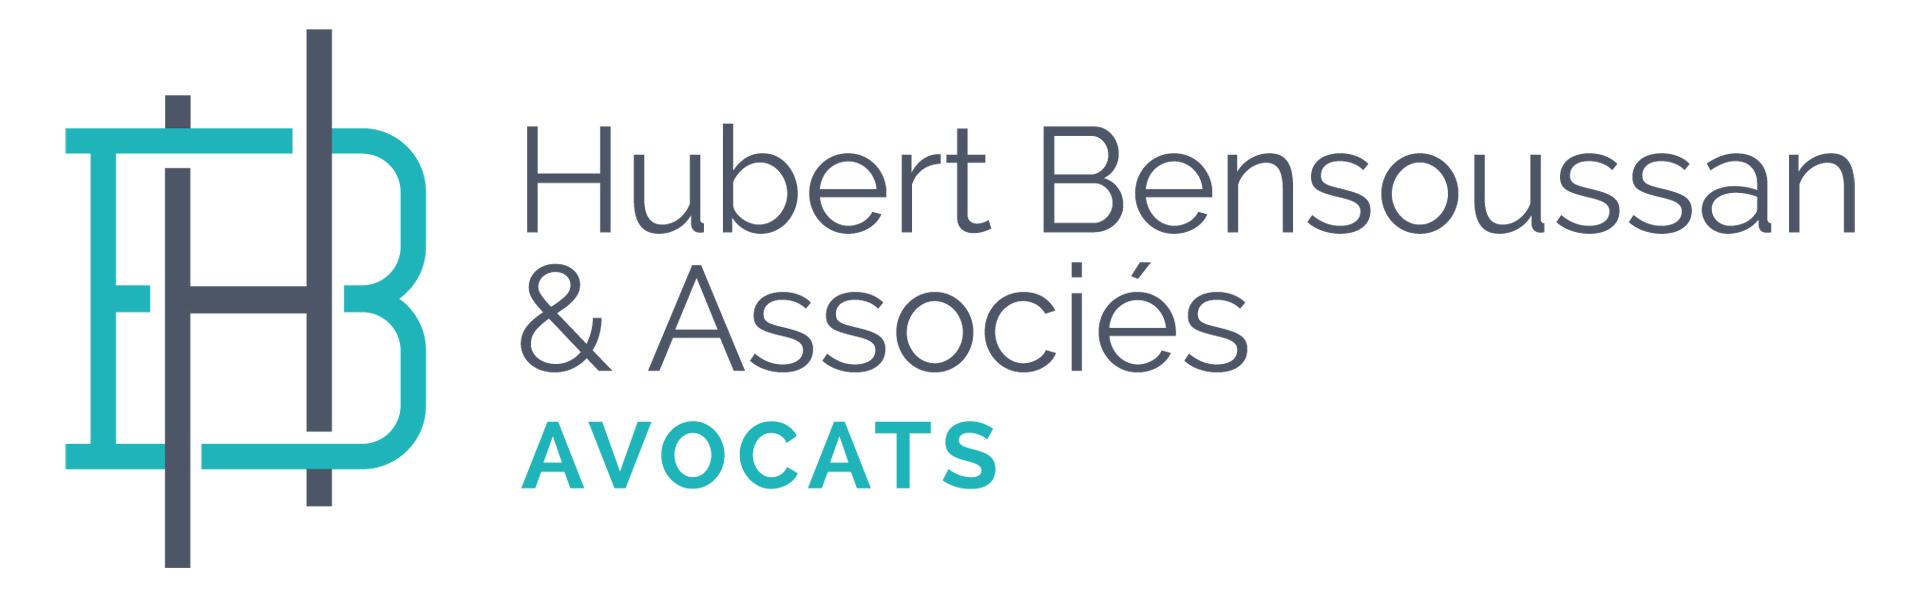 Cabinet d'avocats Hubert Bensoussan